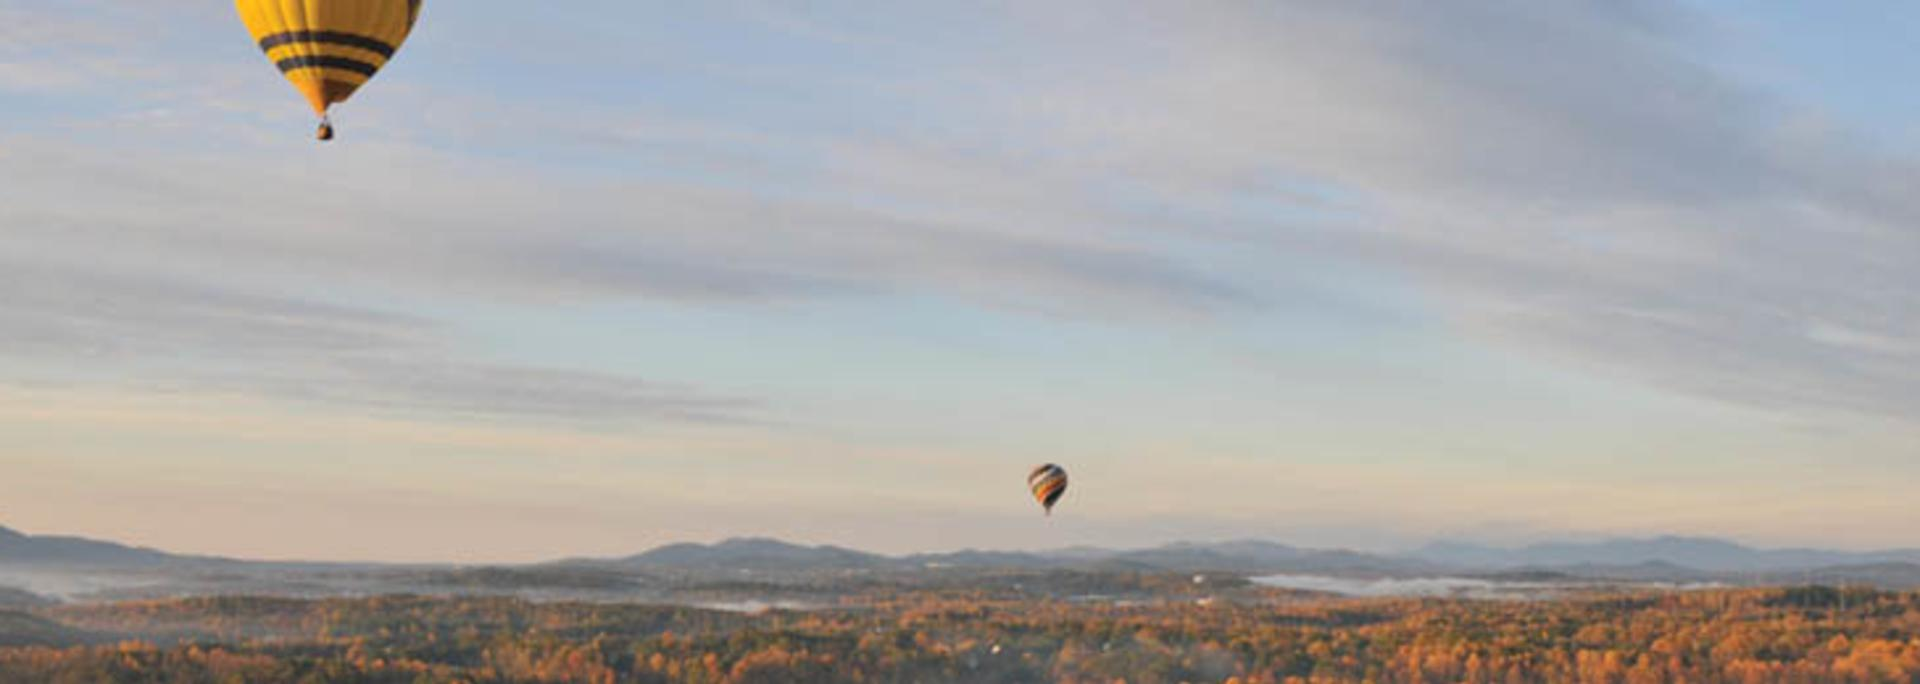 AA Balooning